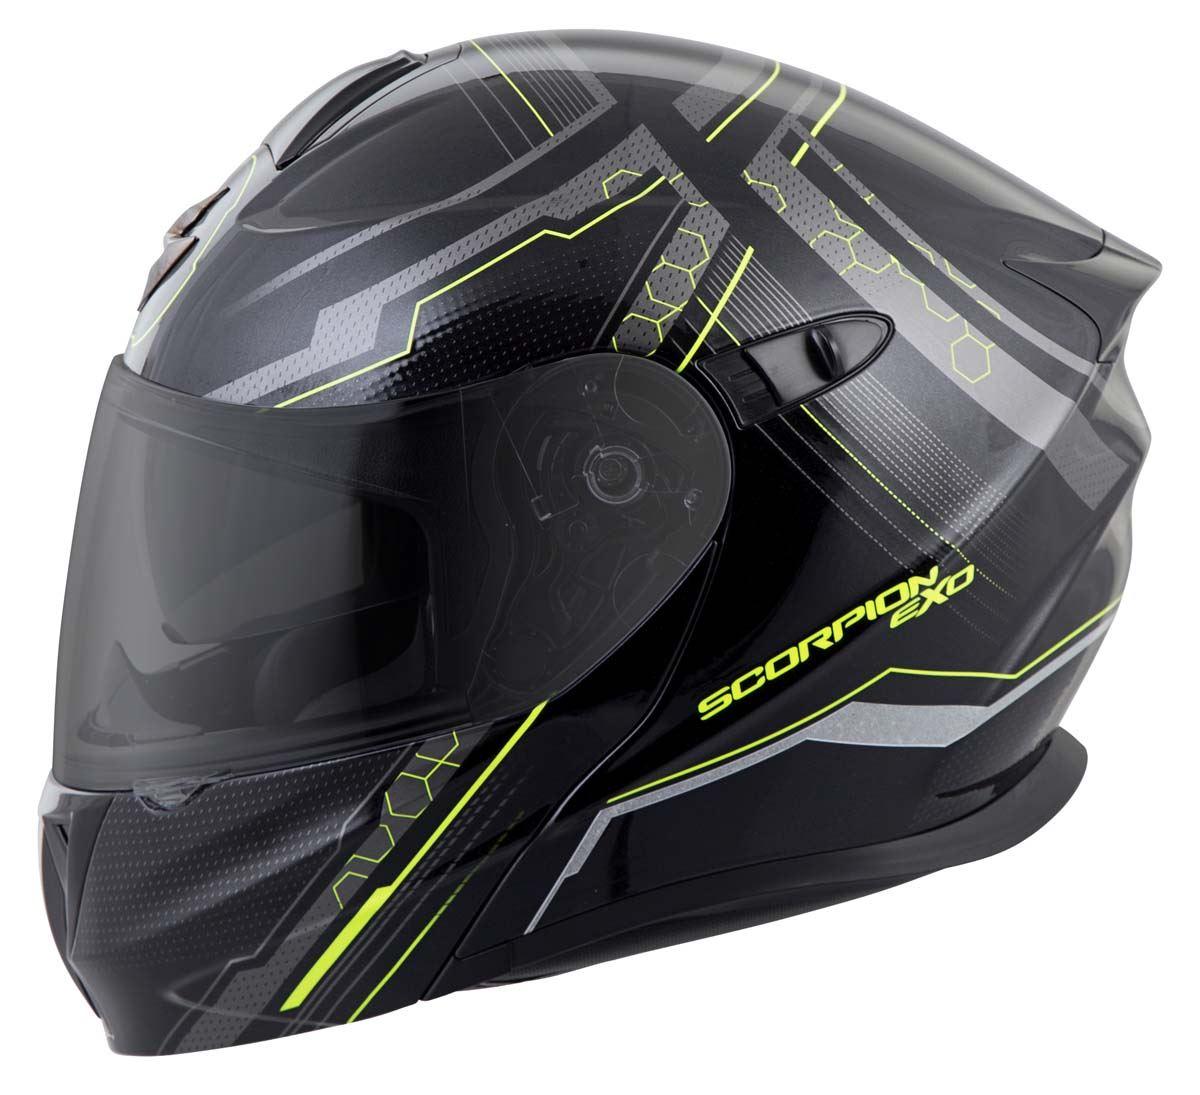 Scorpion-EXO-GT920-Helmet-Sport-Touring-Modular-Flip-Up-DOT-Approved-XS-3XL miniature 29